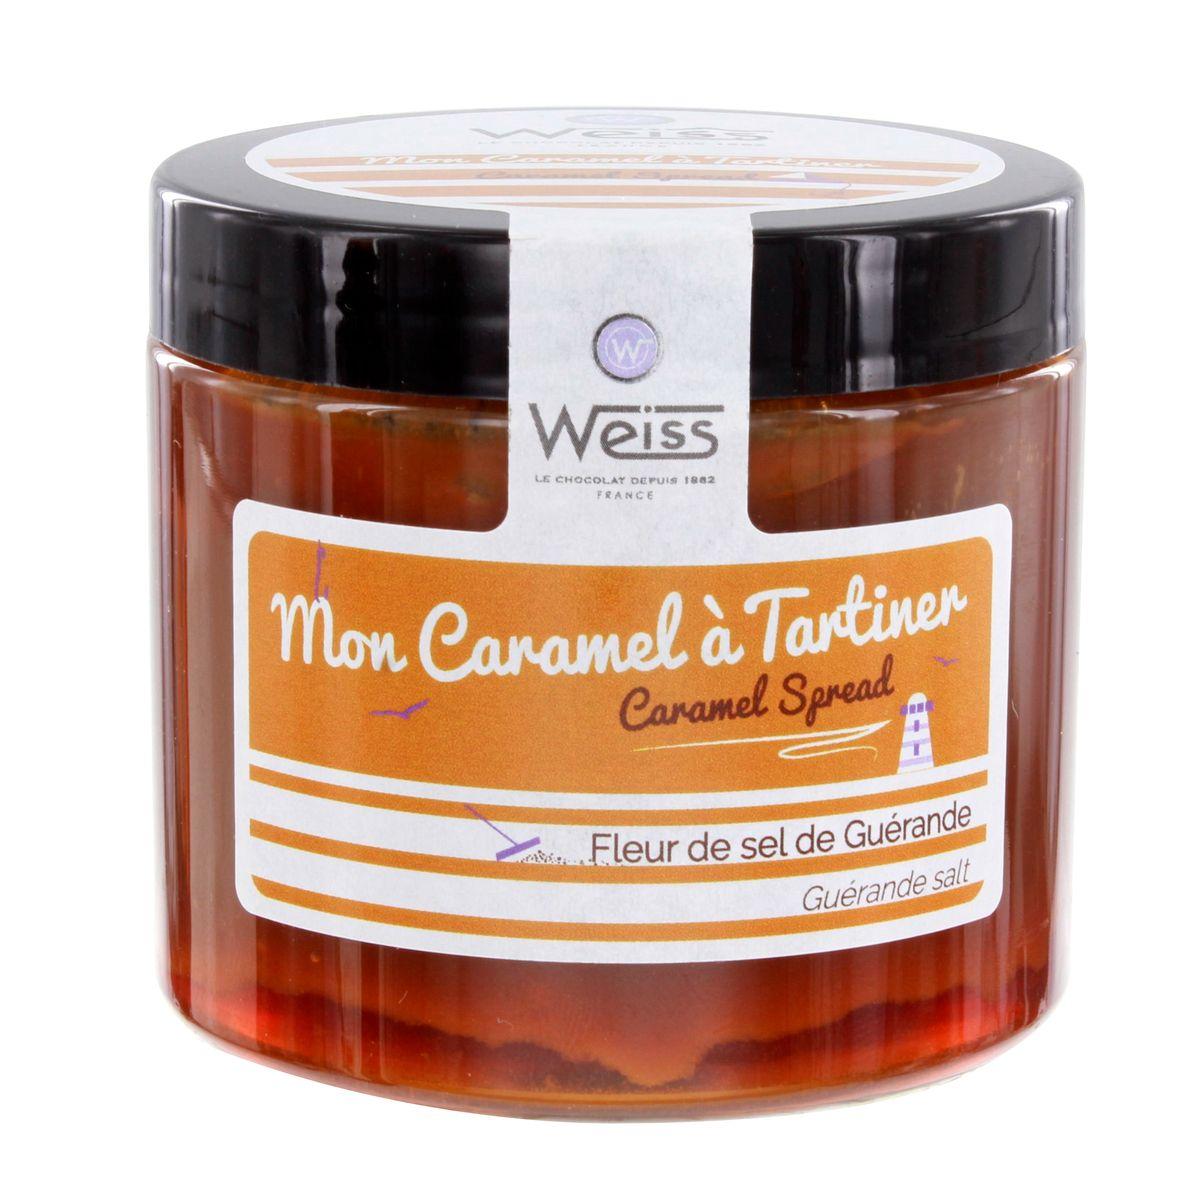 Caramel à tartiner 250g - Weiss